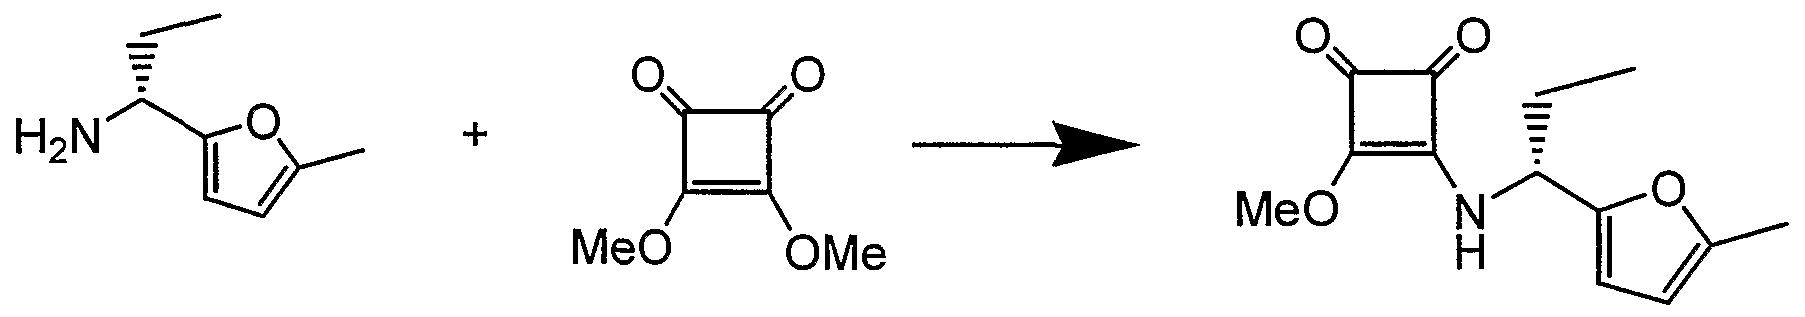 Figure imgf000198_0002